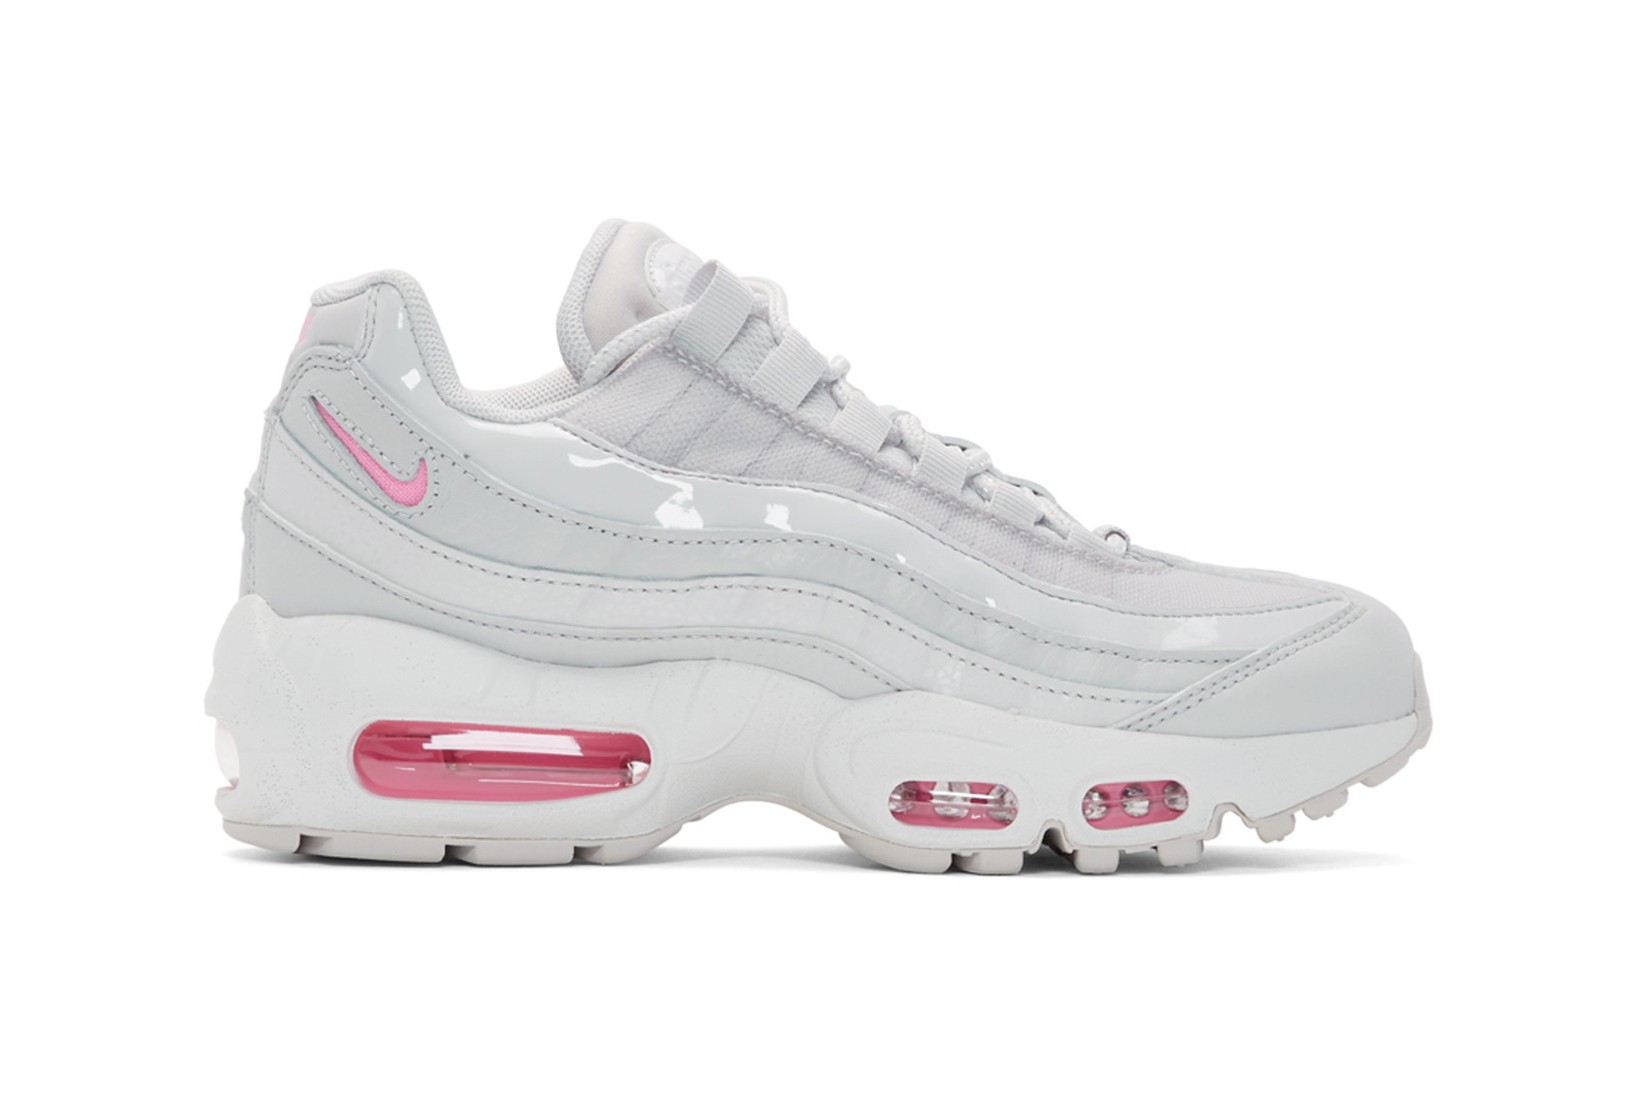 air max 95 pink and grey